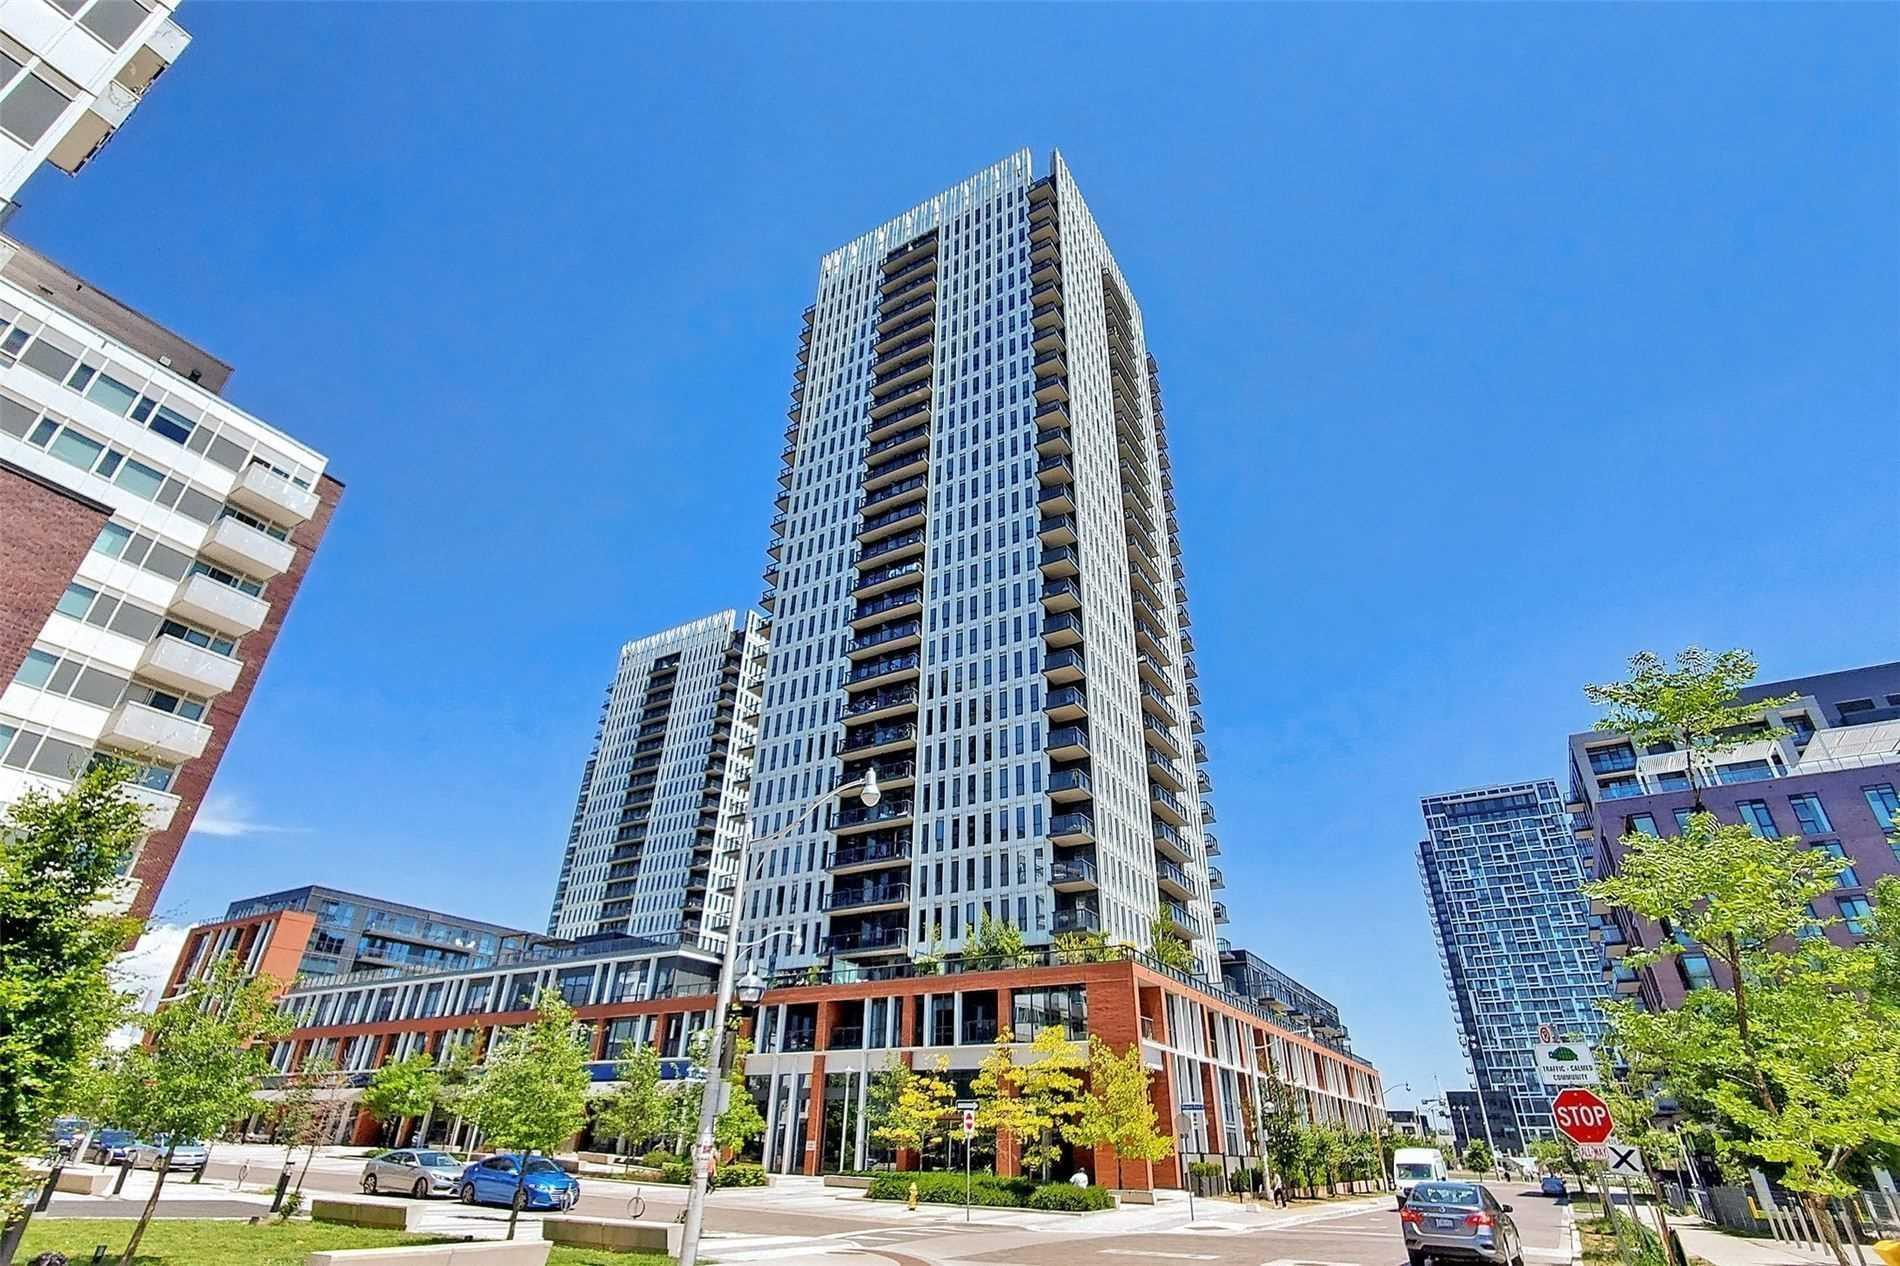 170 Sumach St, Toronto, Ontario M5A0C3, 2 Bedrooms Bedrooms, 6 Rooms Rooms,2 BathroomsBathrooms,Condo Apt,For Sale,Sumach,C5351001